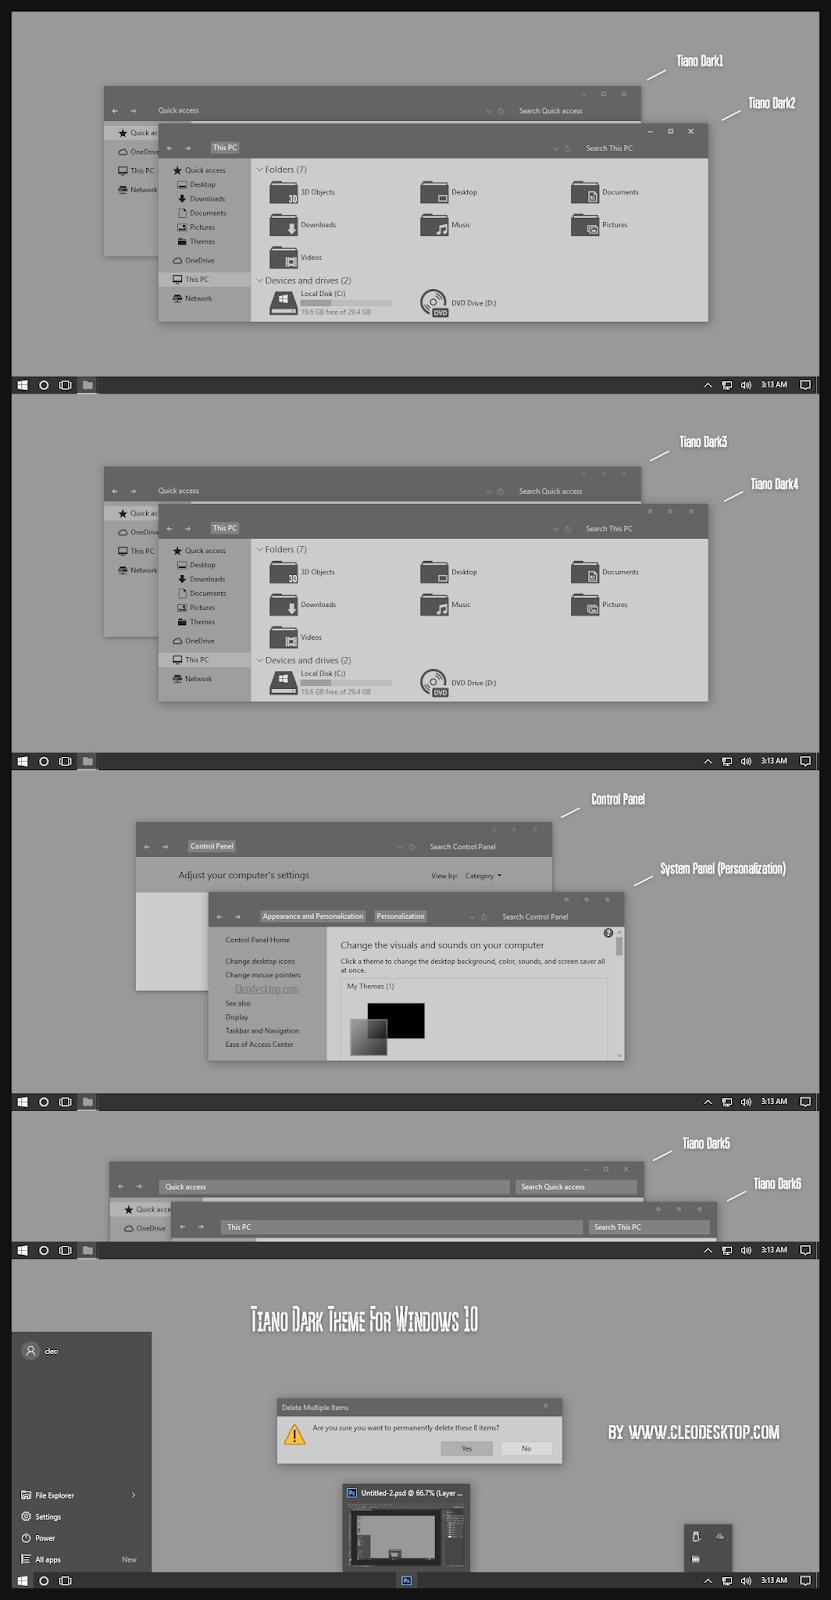 Tiano Dark Theme Windows10 May 2019 Update 1903